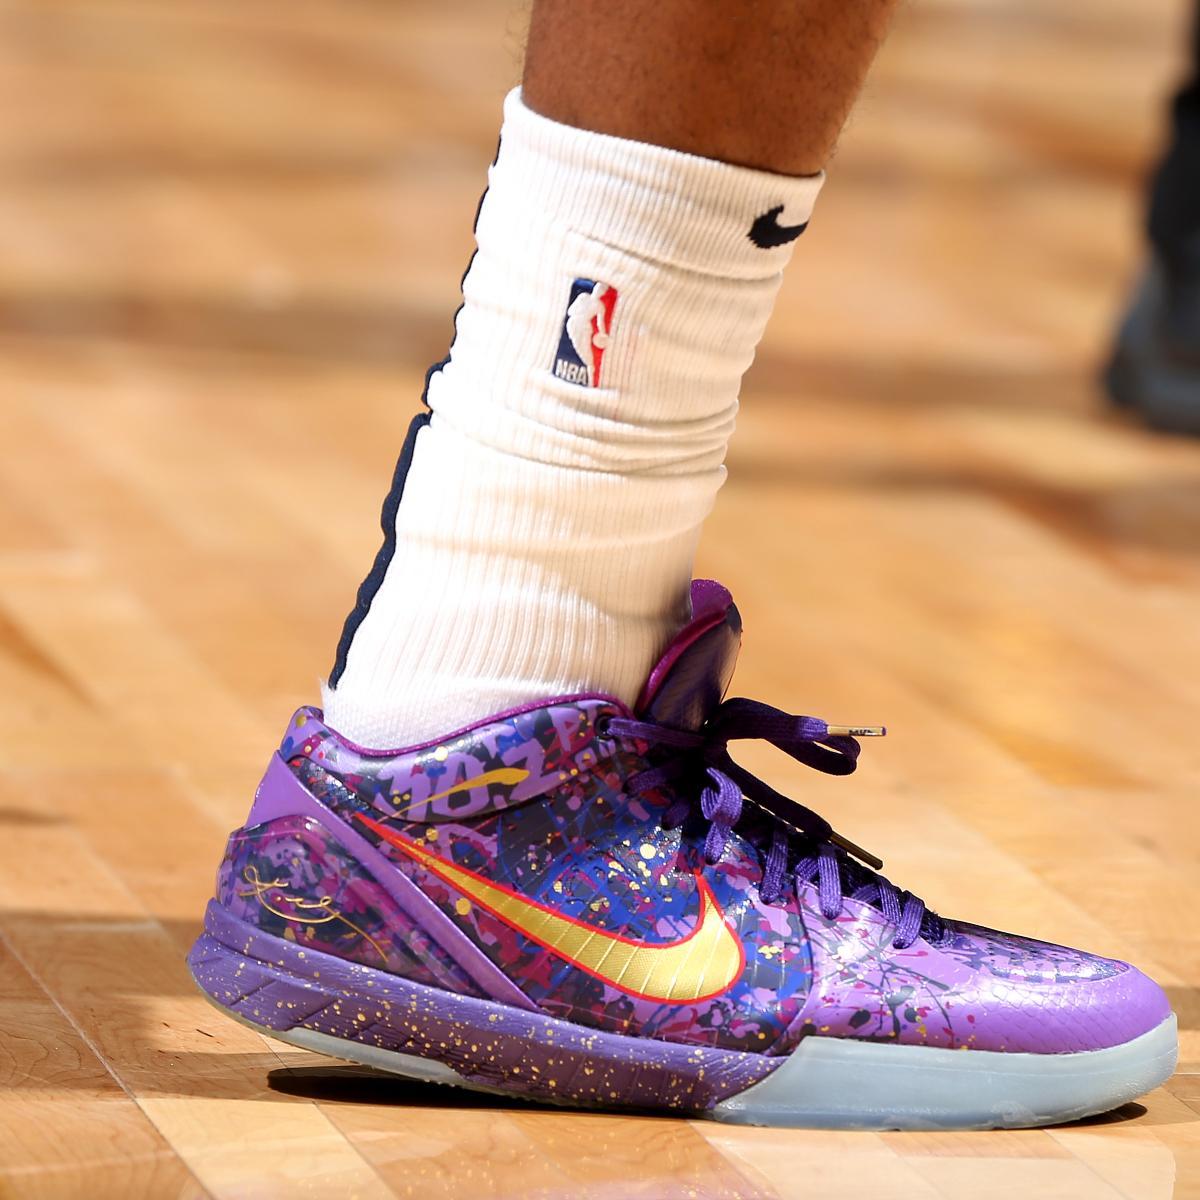 512034c175fdb B R Kicks x NBA Nightly  LeBron 16 in Lakers Colorway